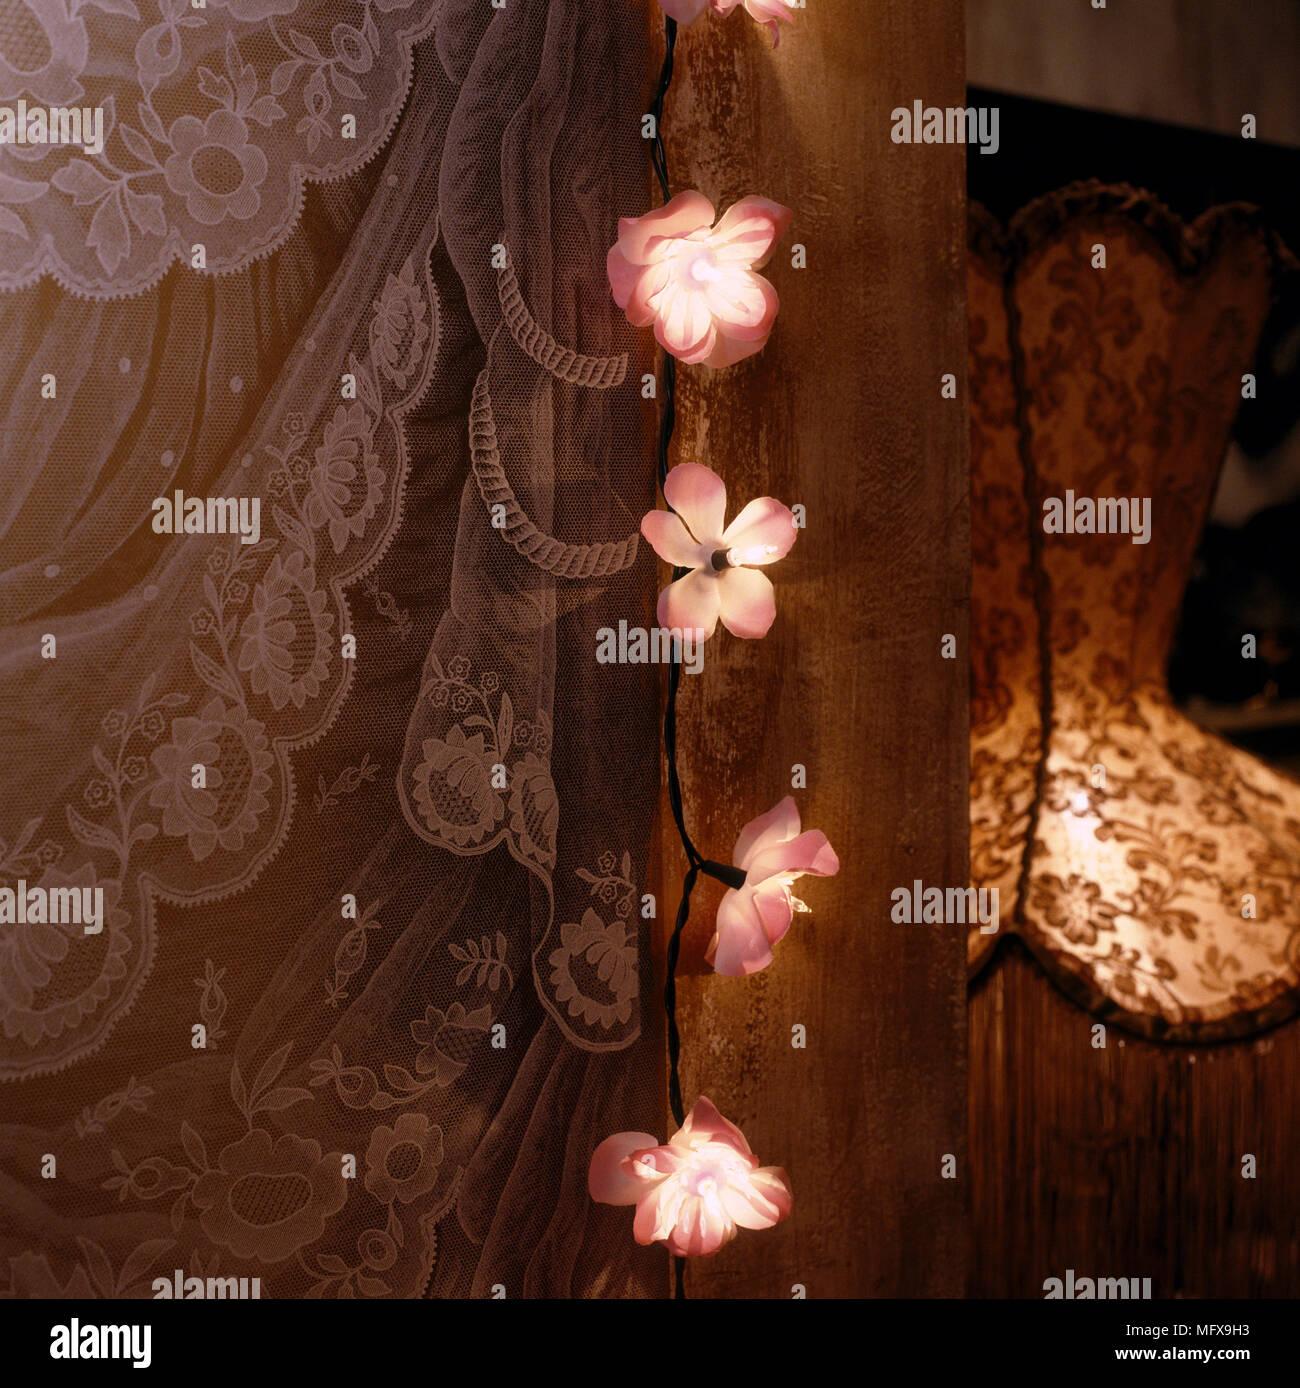 Ein Detail Von Einem Romantischen Schlafzimmer Mit Lichterketten Um Gardinen  Lit Drapiert, Lampe, Eine Subtile, Low Light